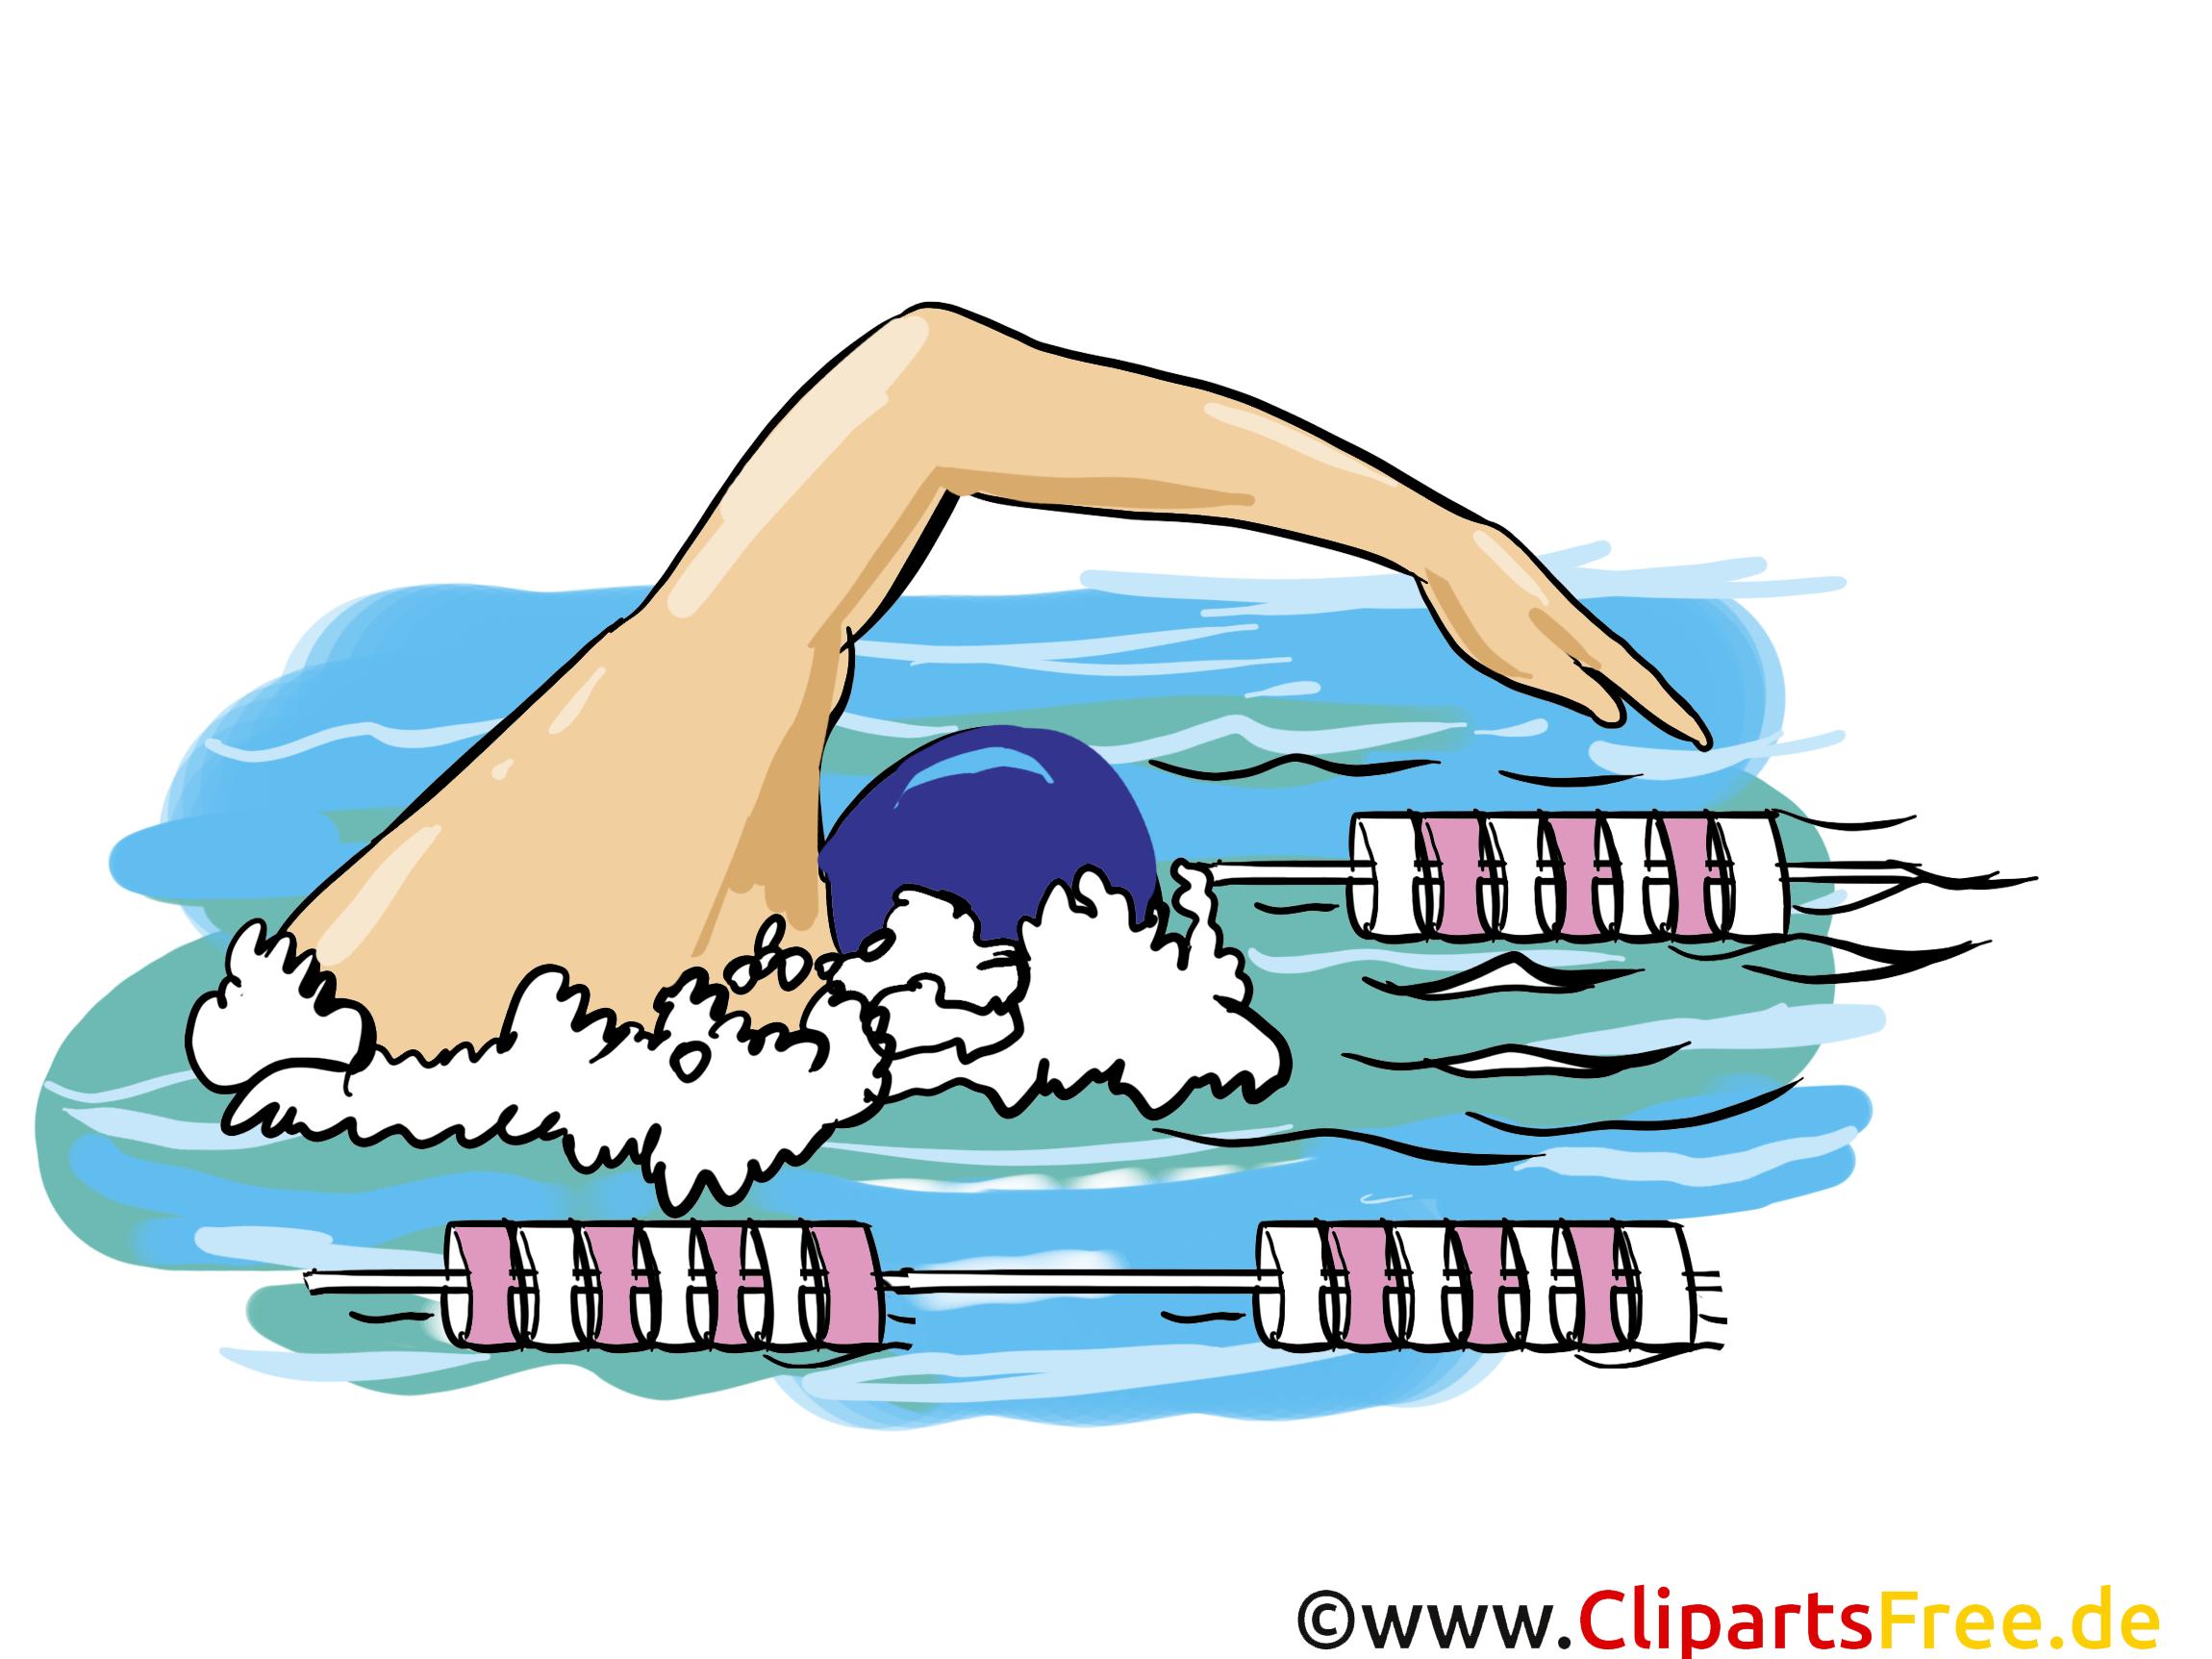 Schwimmen Grafik, Illustration, Bild, Cartoon, Image